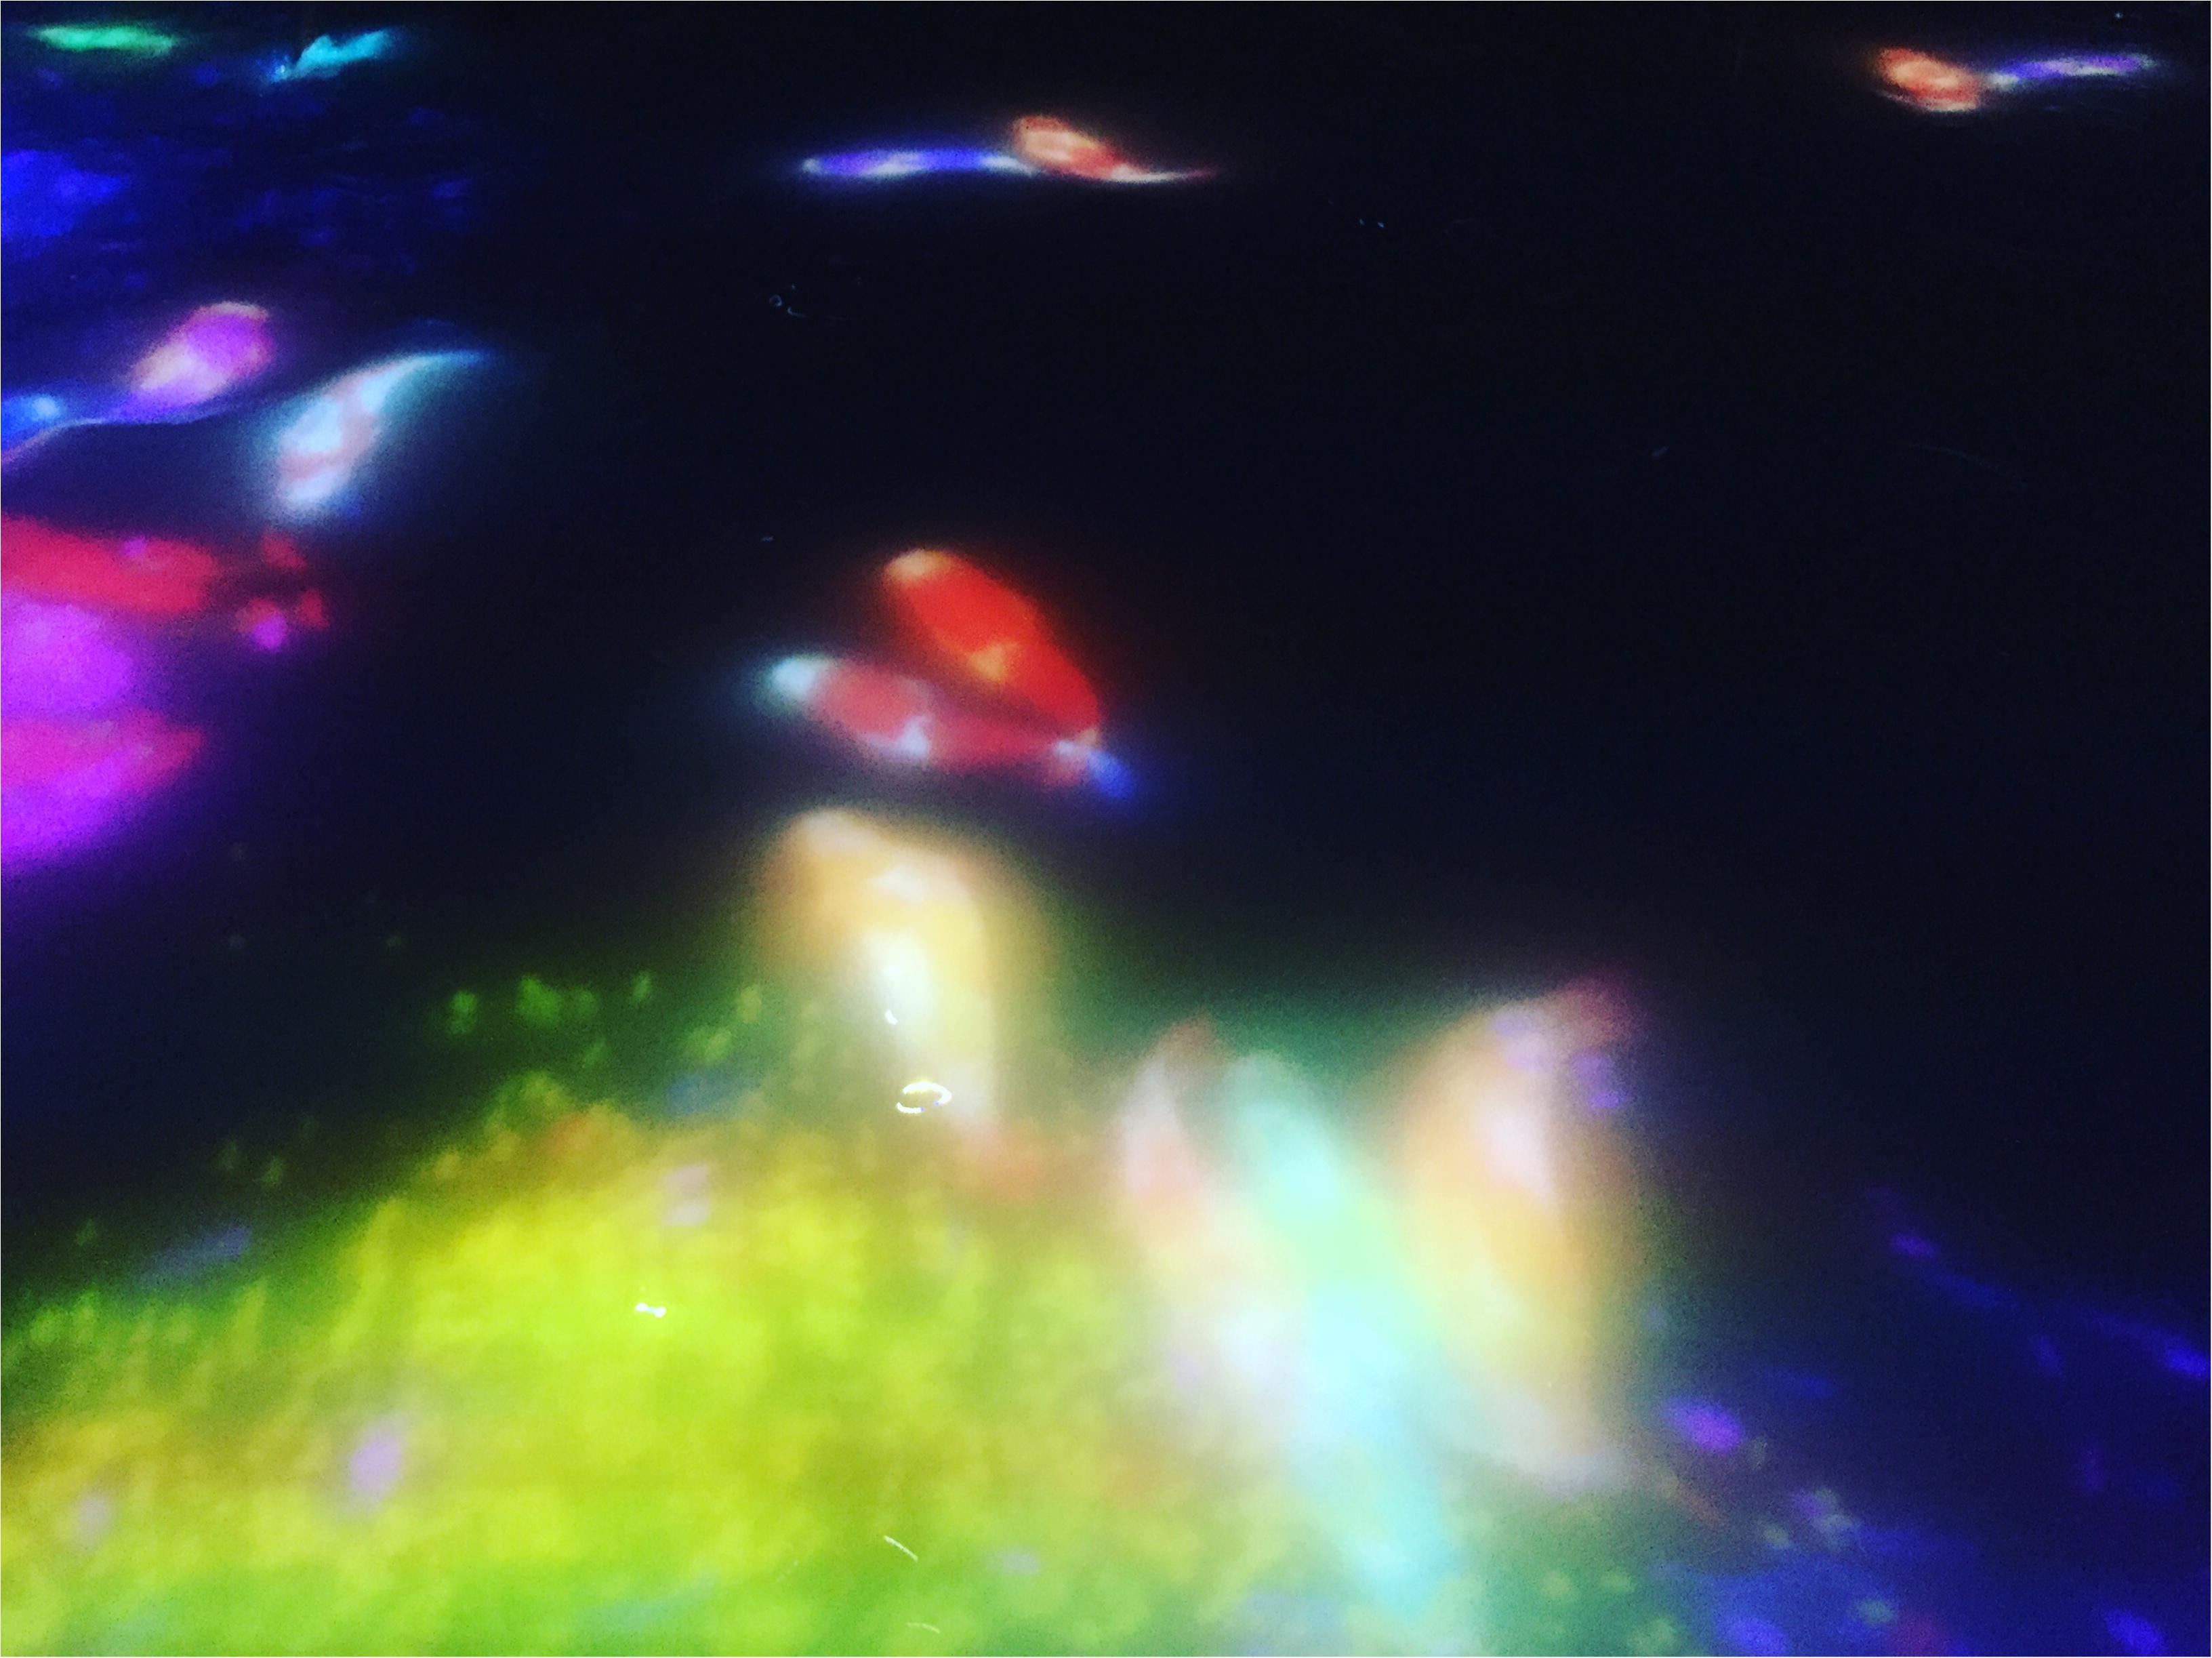 【夏のお出掛けスポット/DMM.プラネッツ Art by teamLab】水に浸かったり仰向けになったりして鑑賞する『デジタルアート』が幻想的✨8/31まで!お台場に急げ♩≪samenyan≫_14